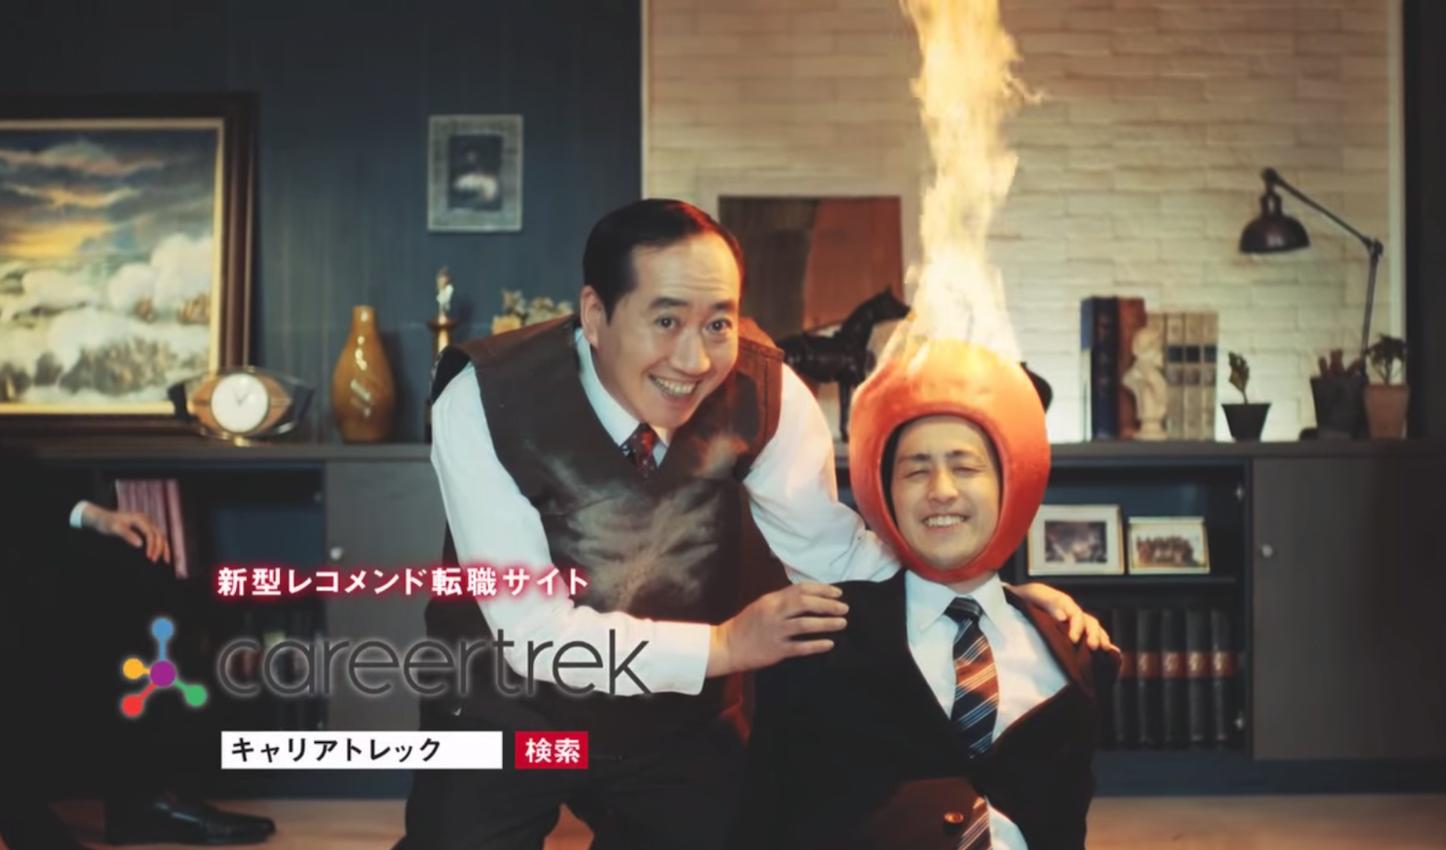 キャリアトレック テレビCM